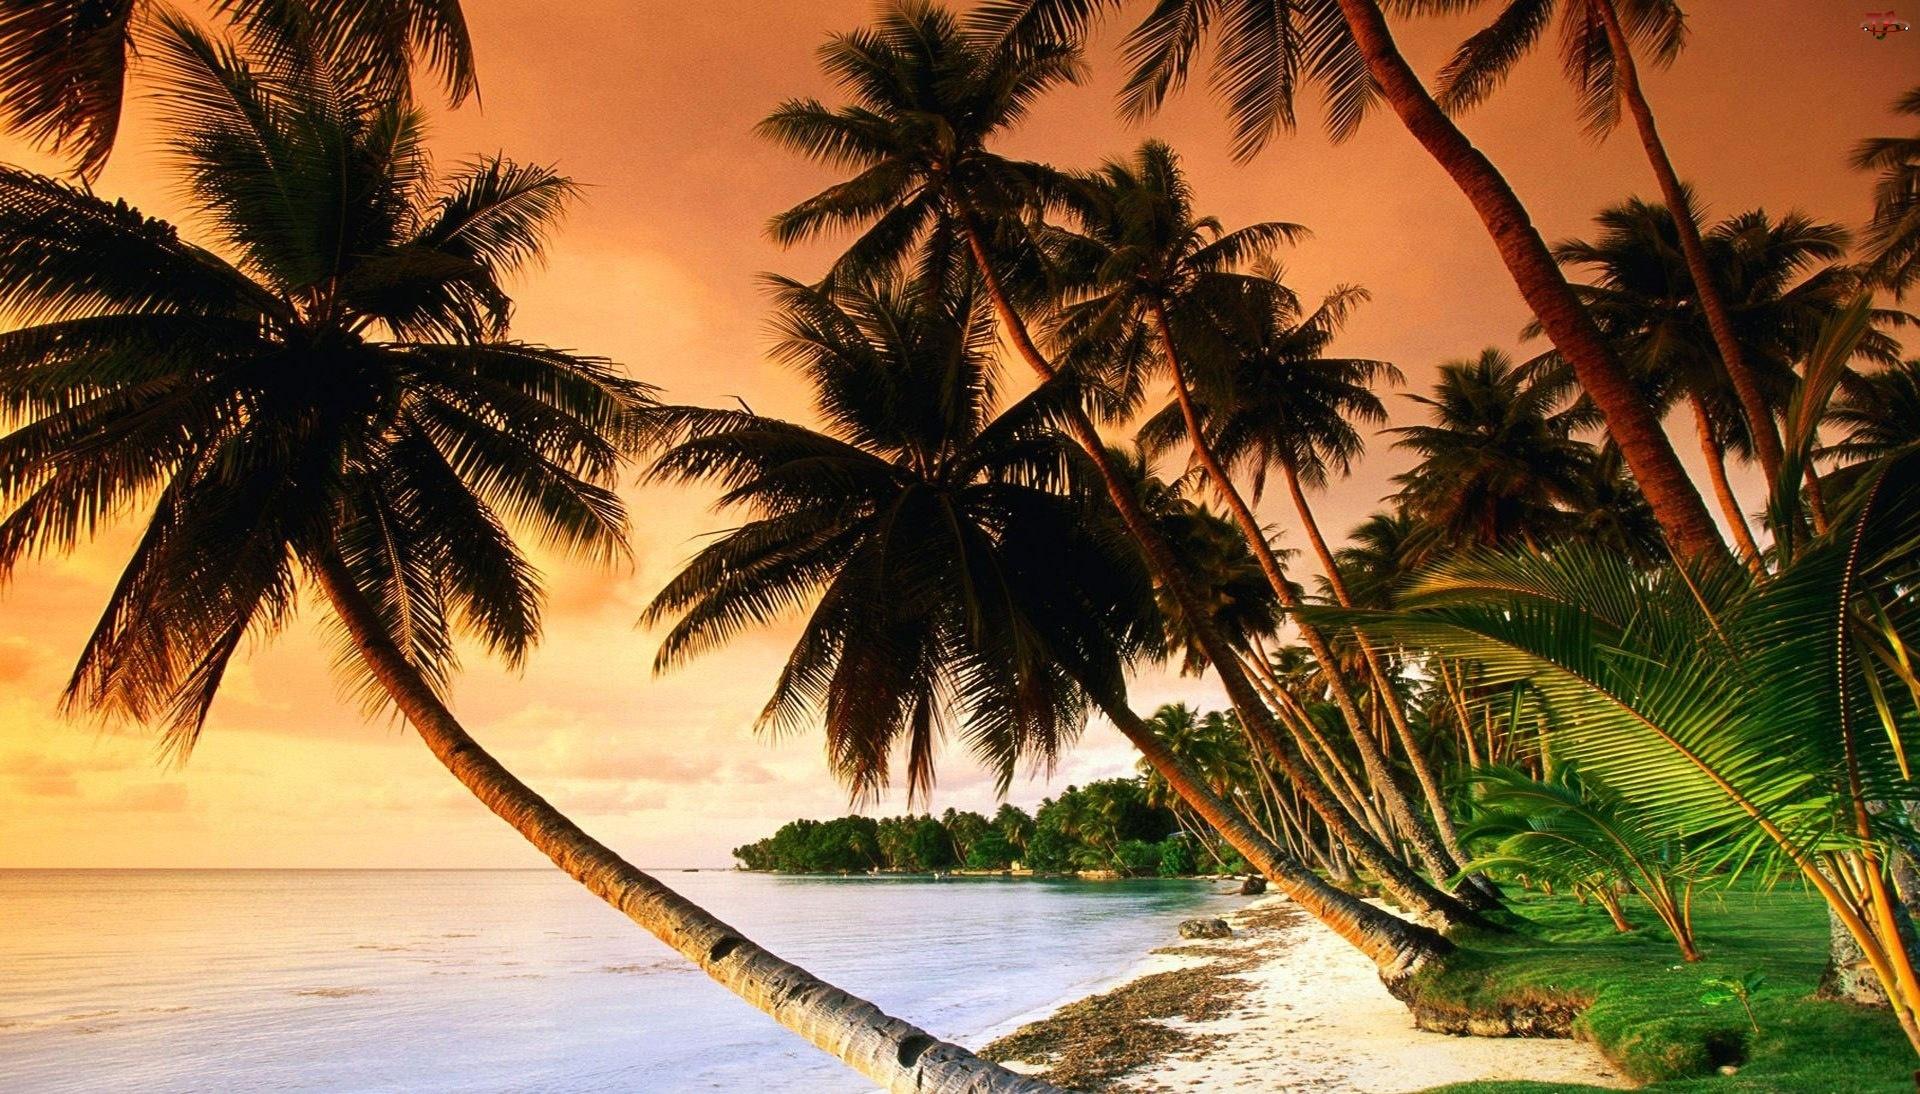 Morze, Palmy